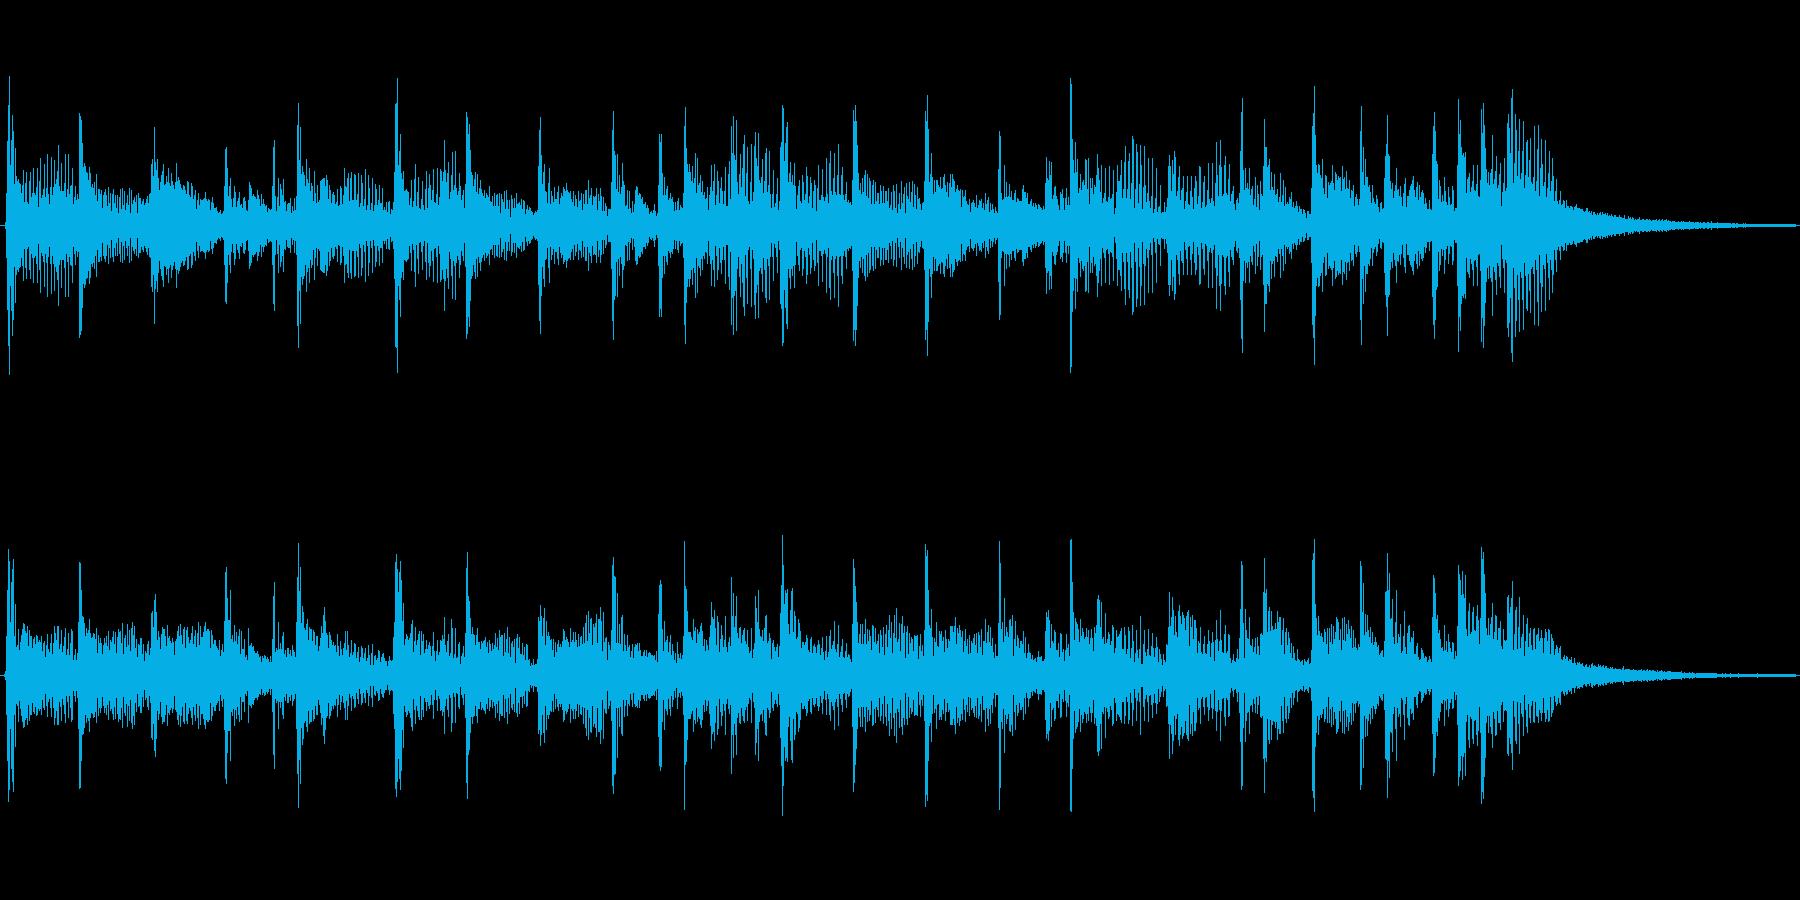 シンプルに下降するフュージョンジングルの再生済みの波形